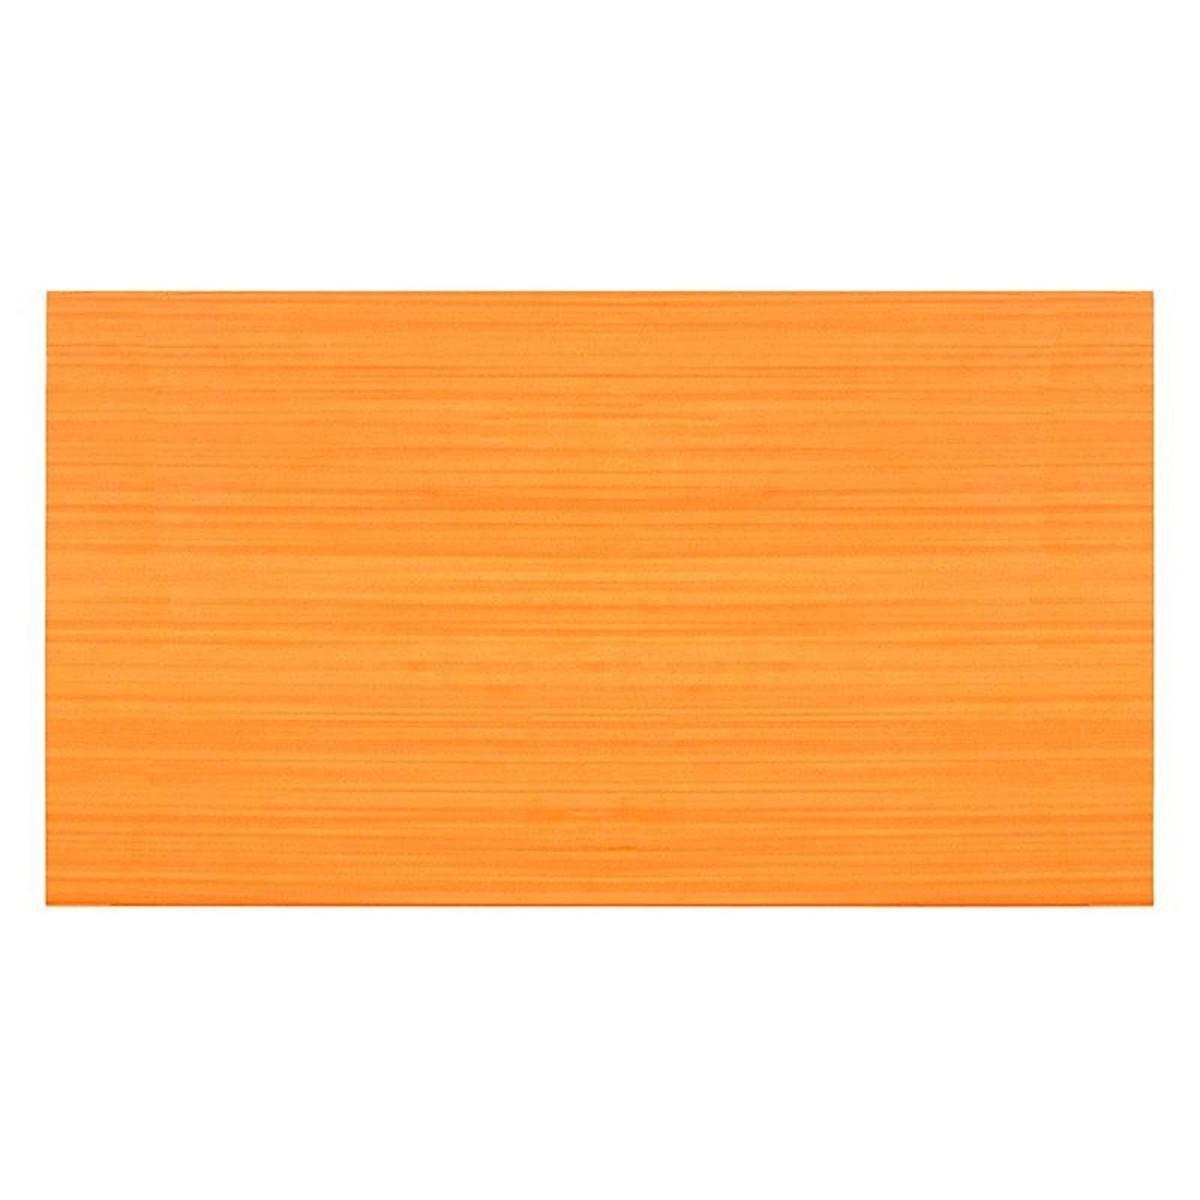 Плитка настенная Lasselsberger ceramics Николь 25х45 см 1.46 м2 цвет оранжевый